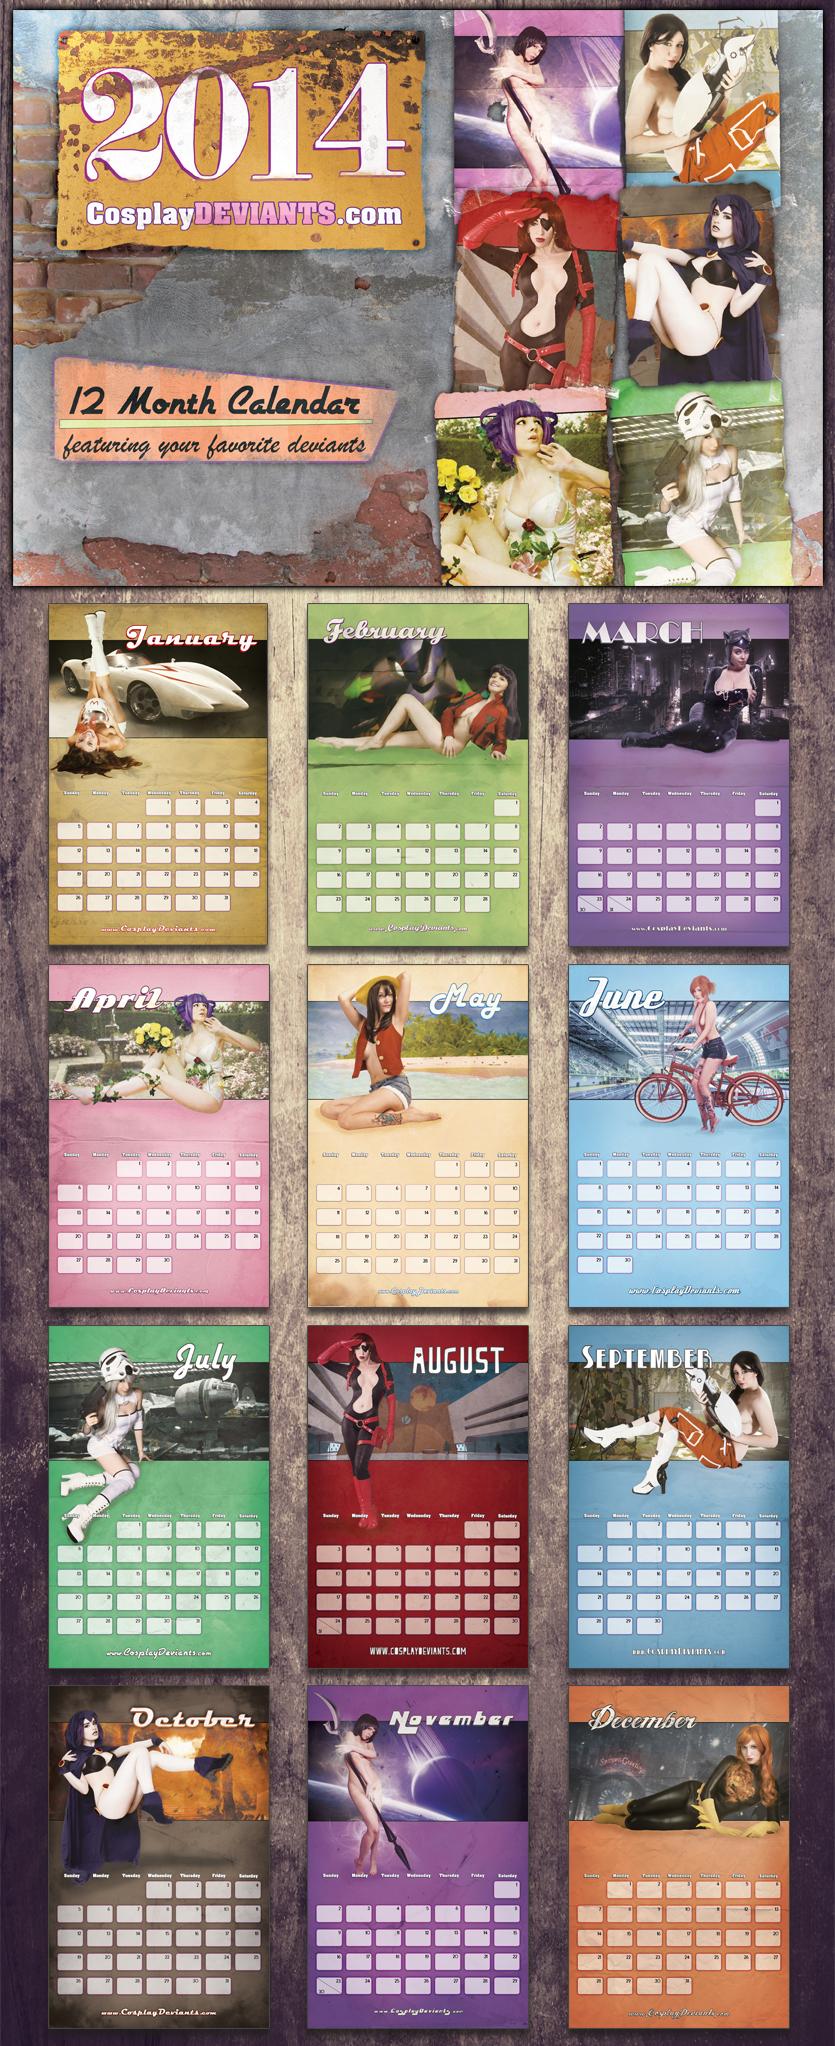 CosplayDeviants.com 2014 calendar by CosplayDeviants